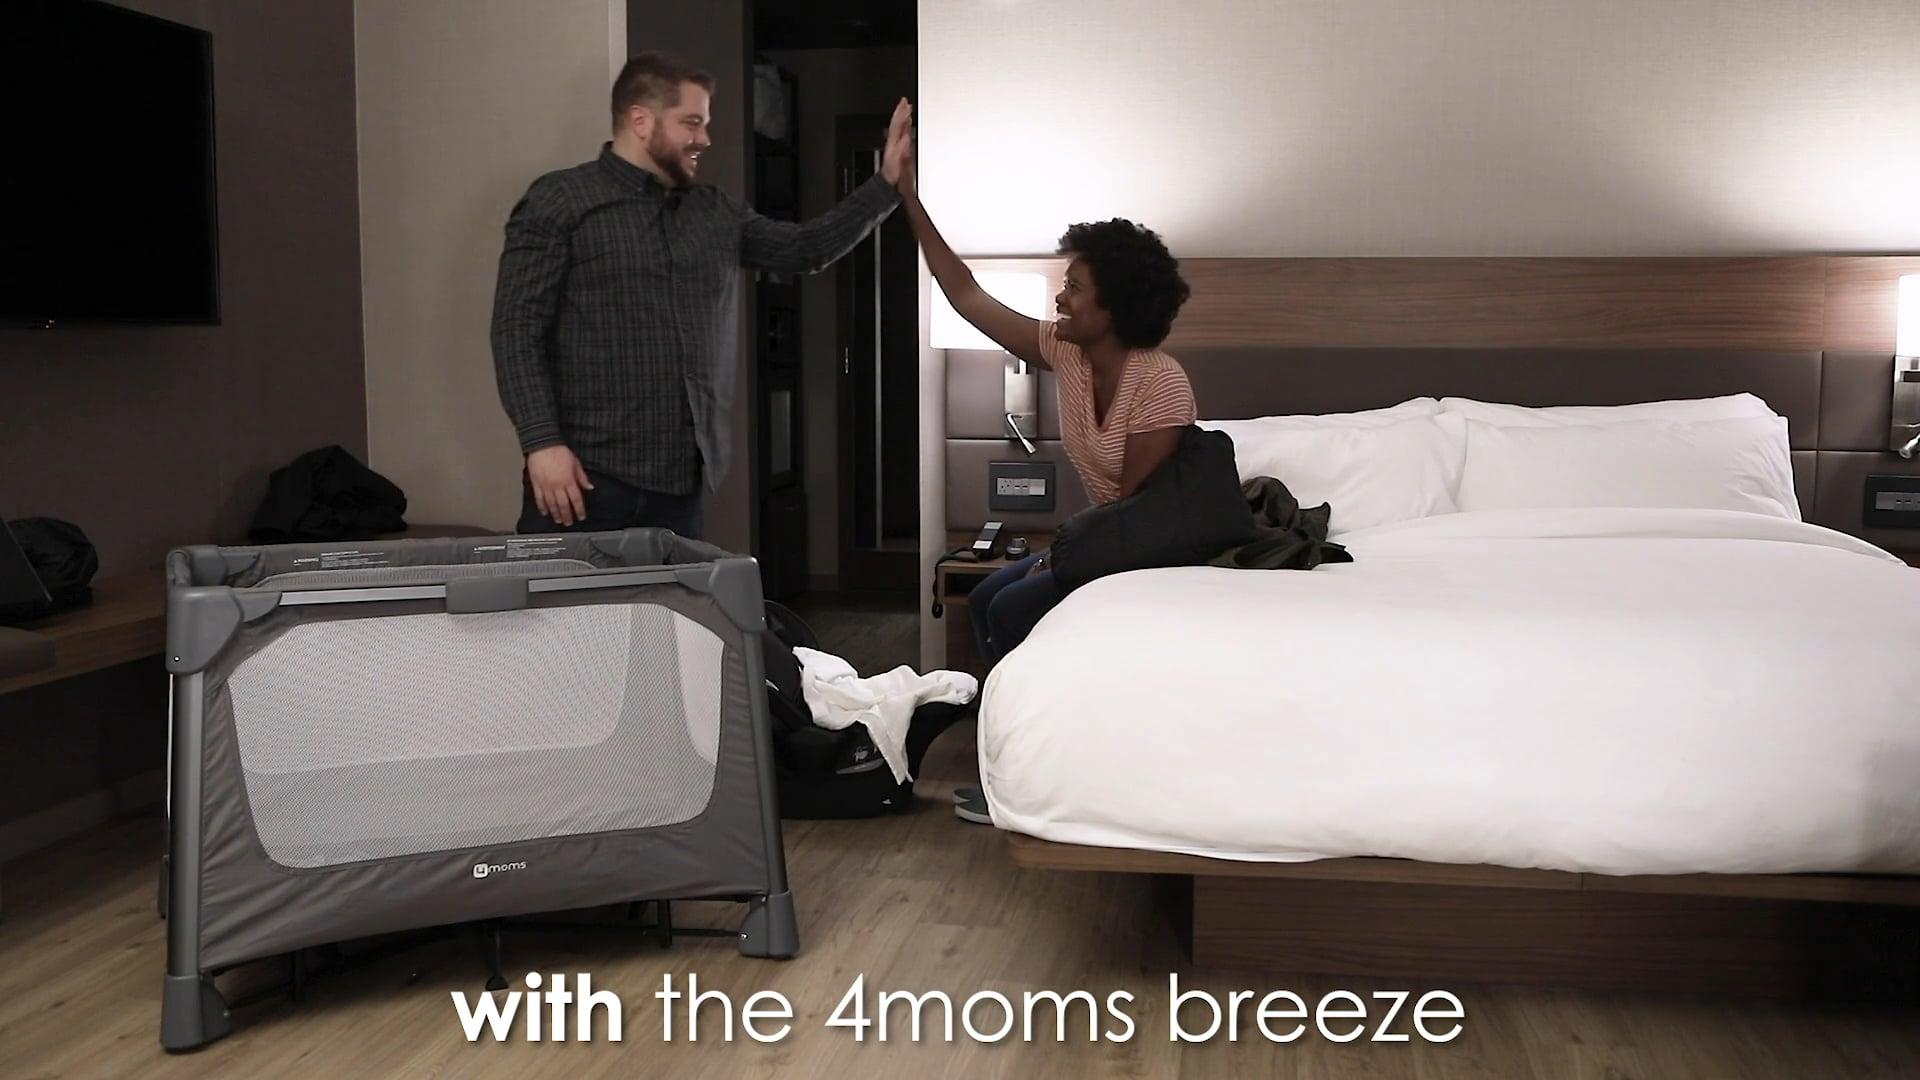 4moms FTW - breeze go